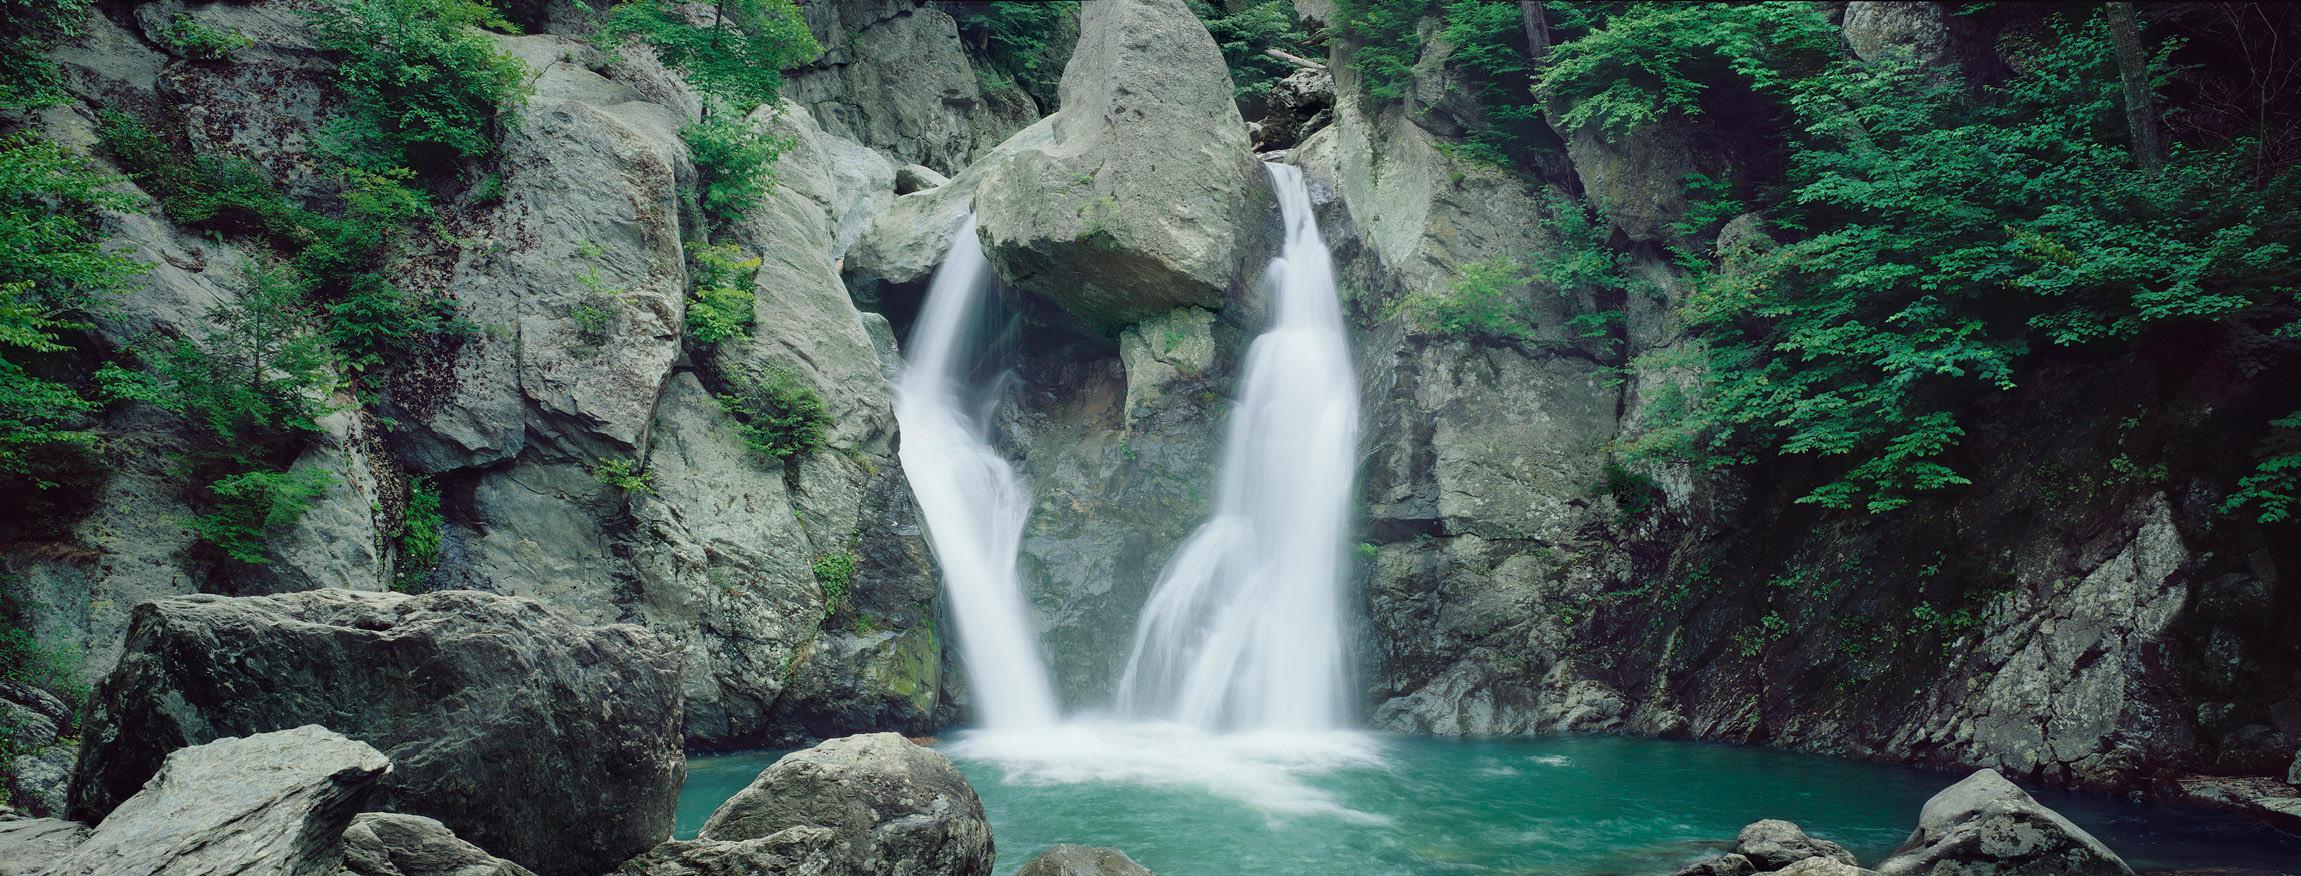 Bash Bish Falls  - The Berkshires